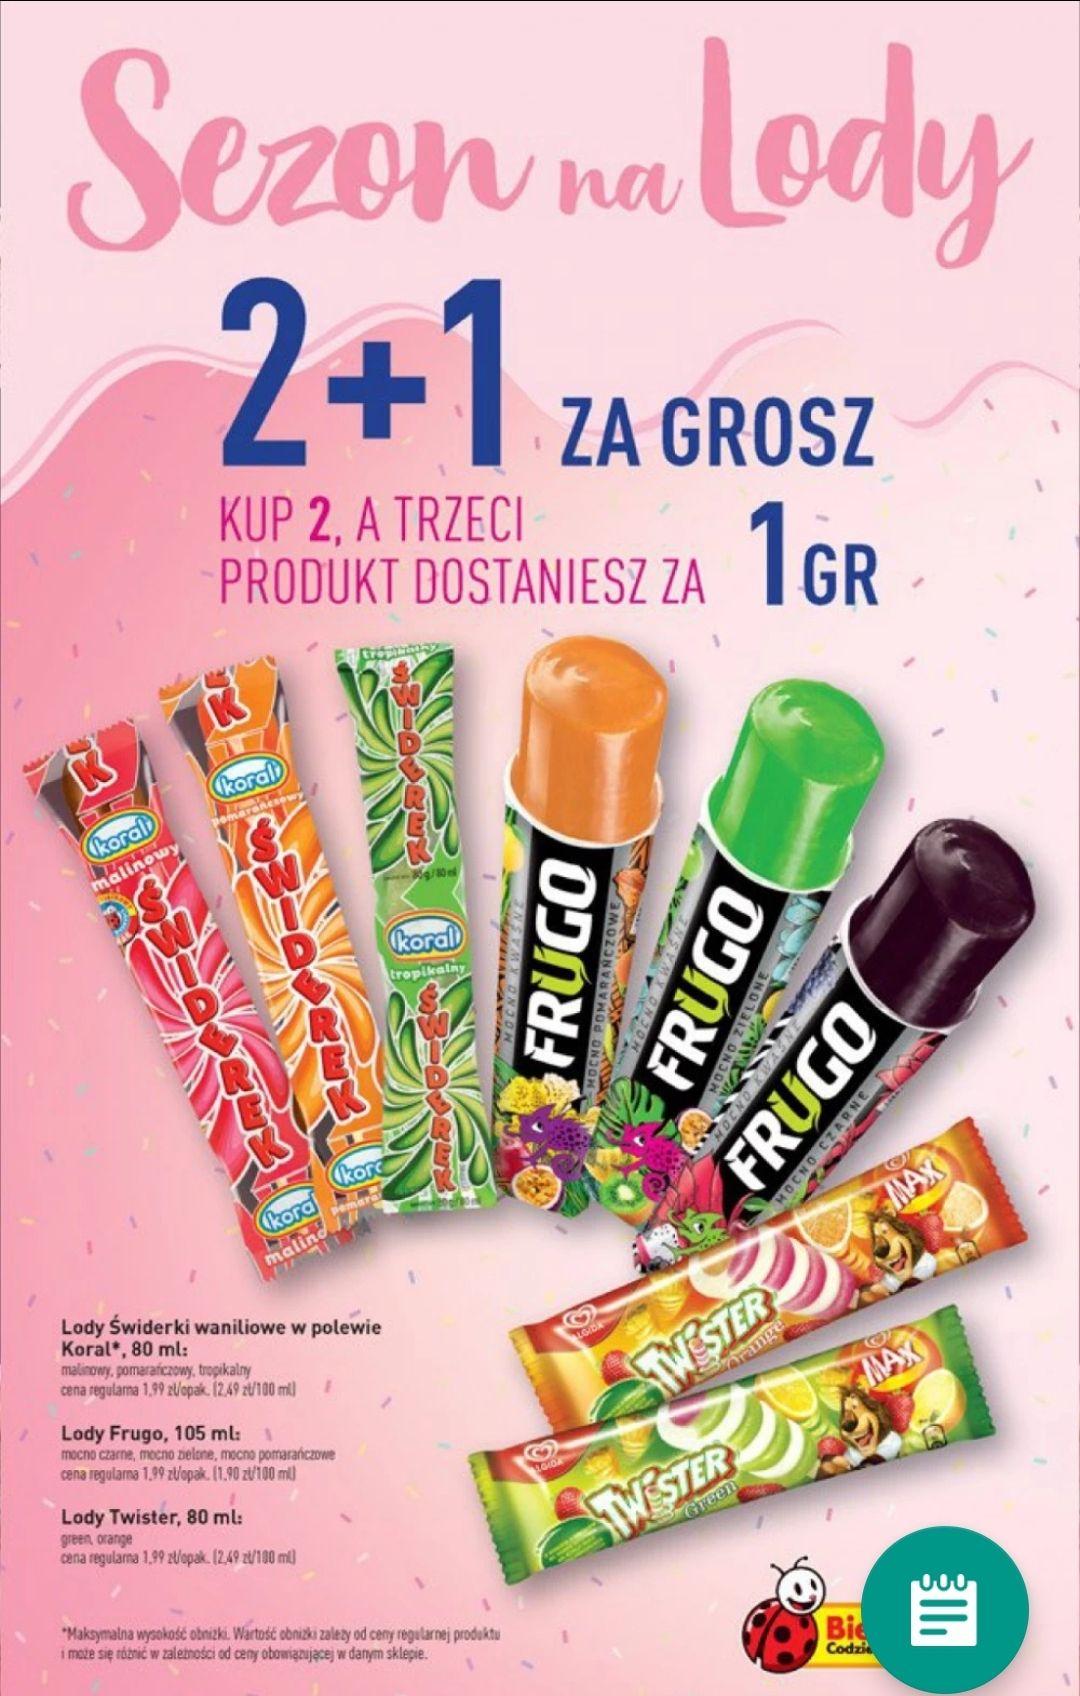 2+1 za grosz - Wybrane Lody Biedronka